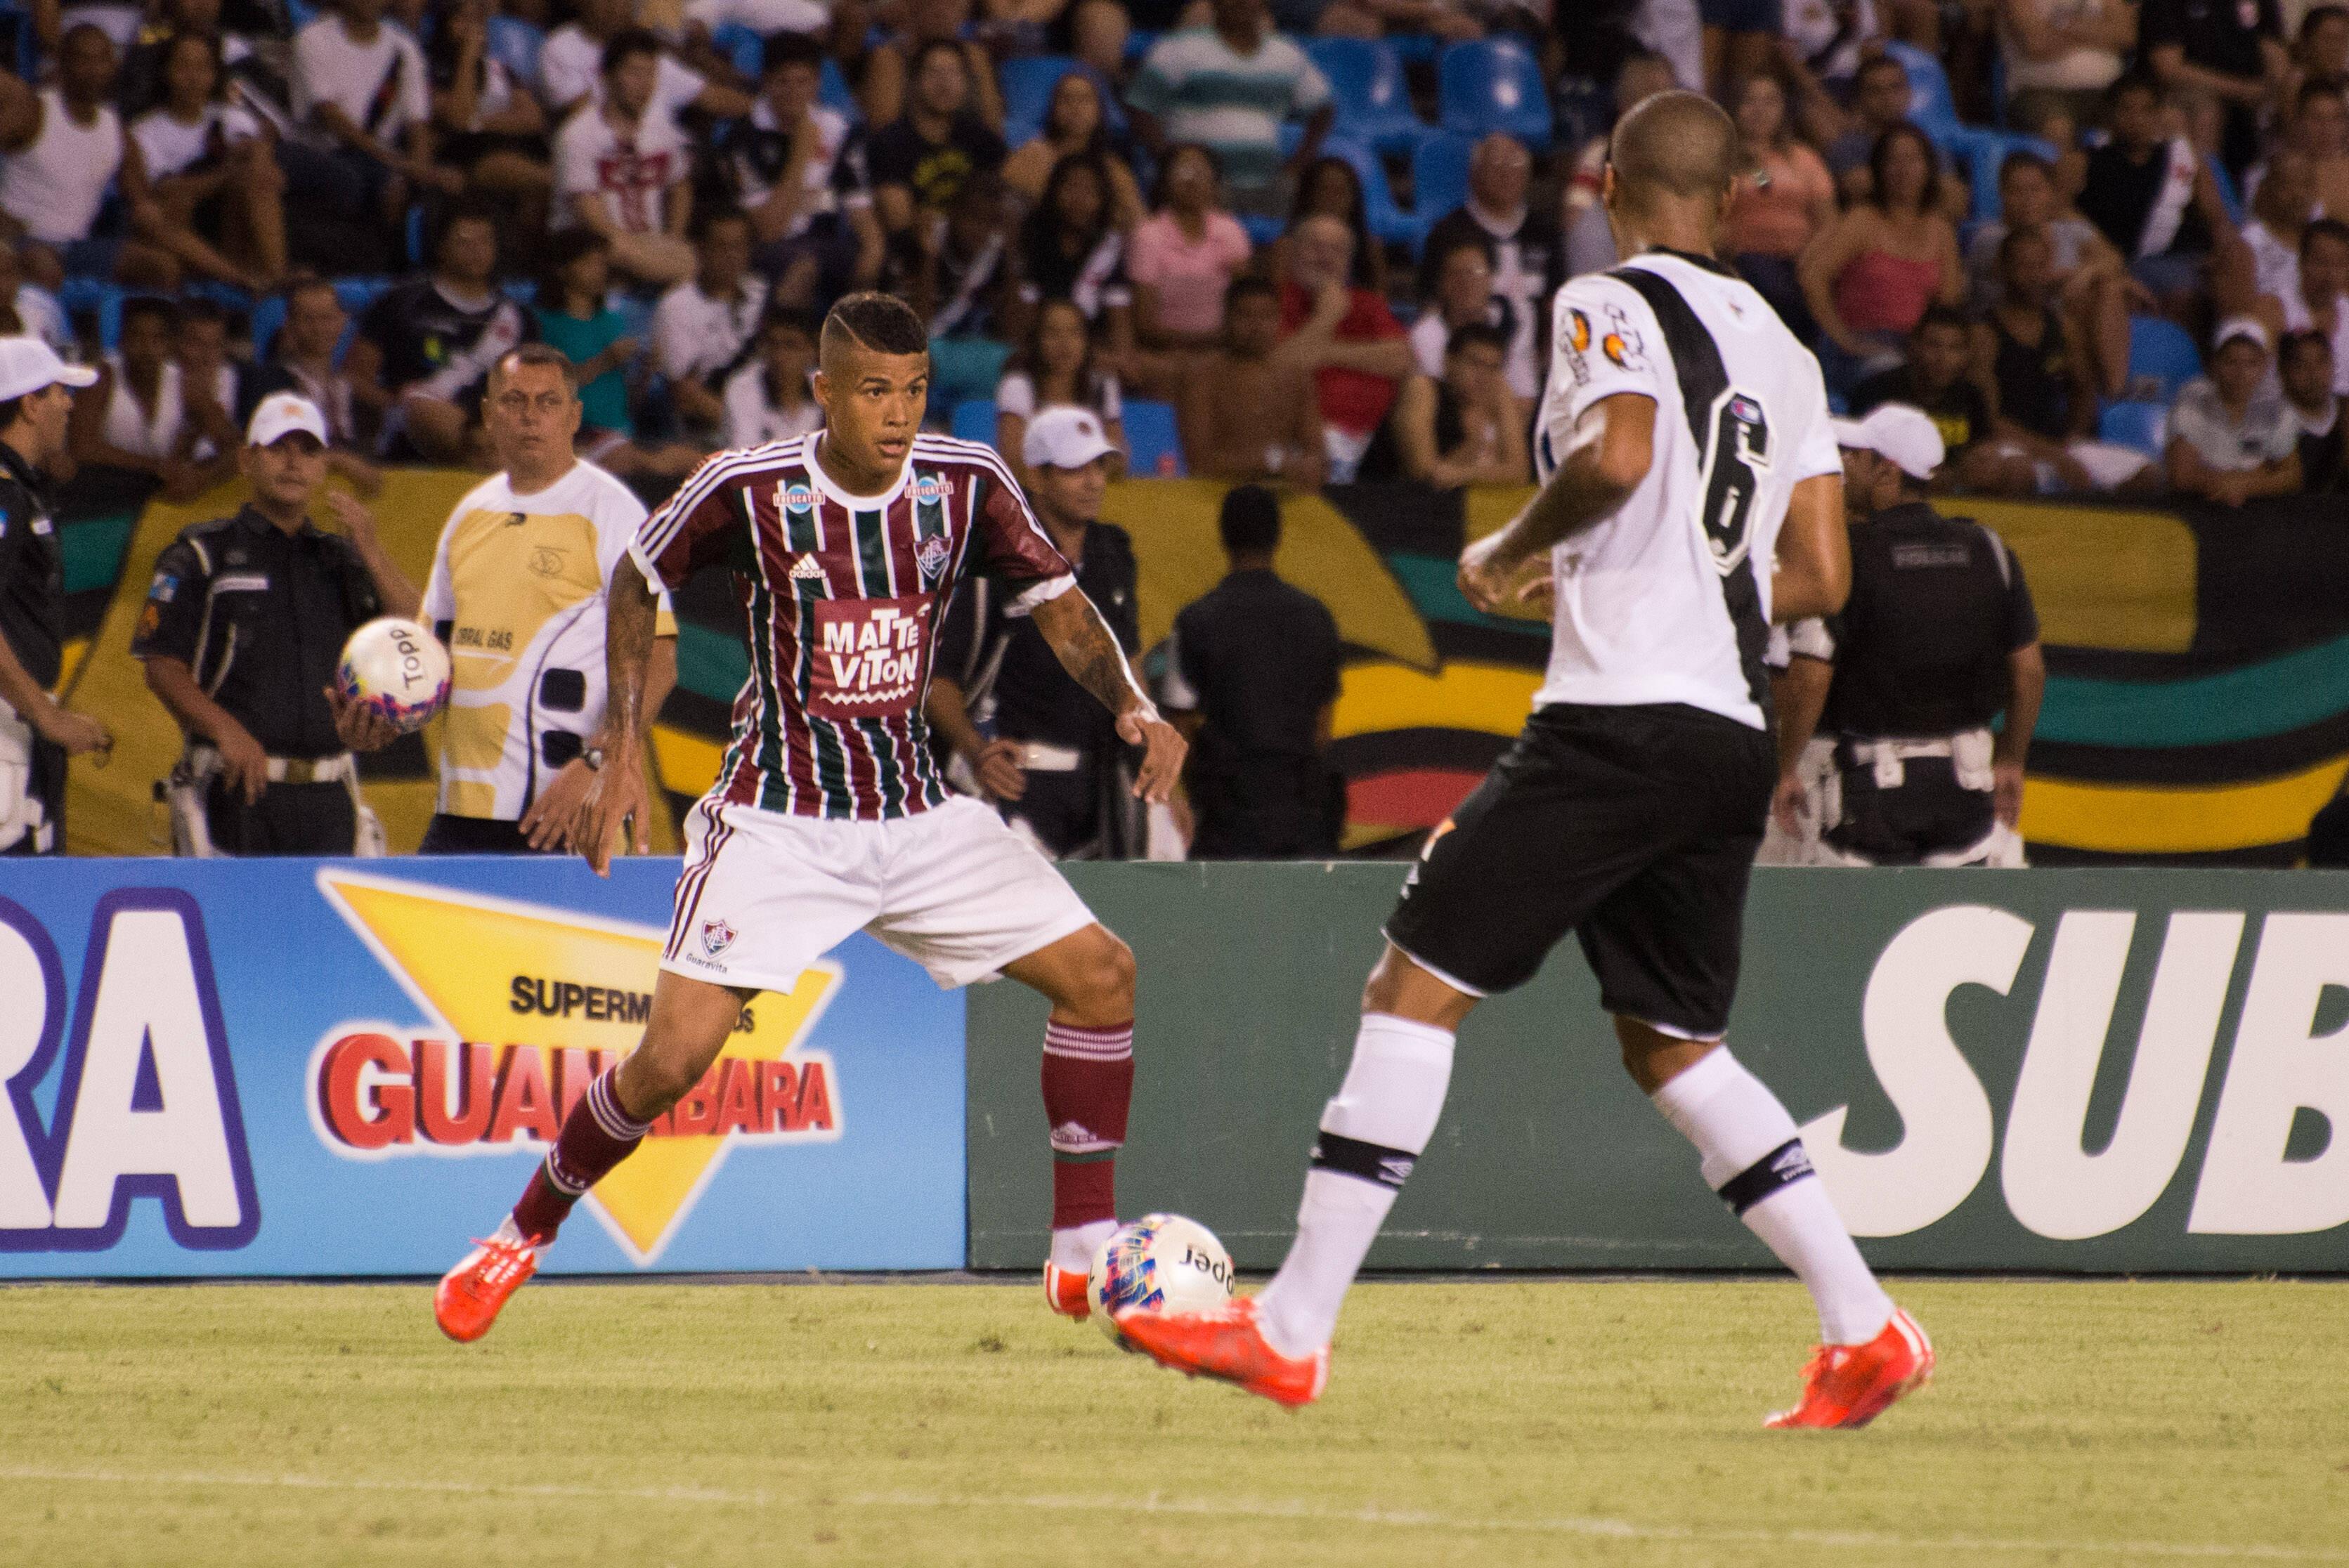 Foto: Bruno Haddad/Fluminense FC